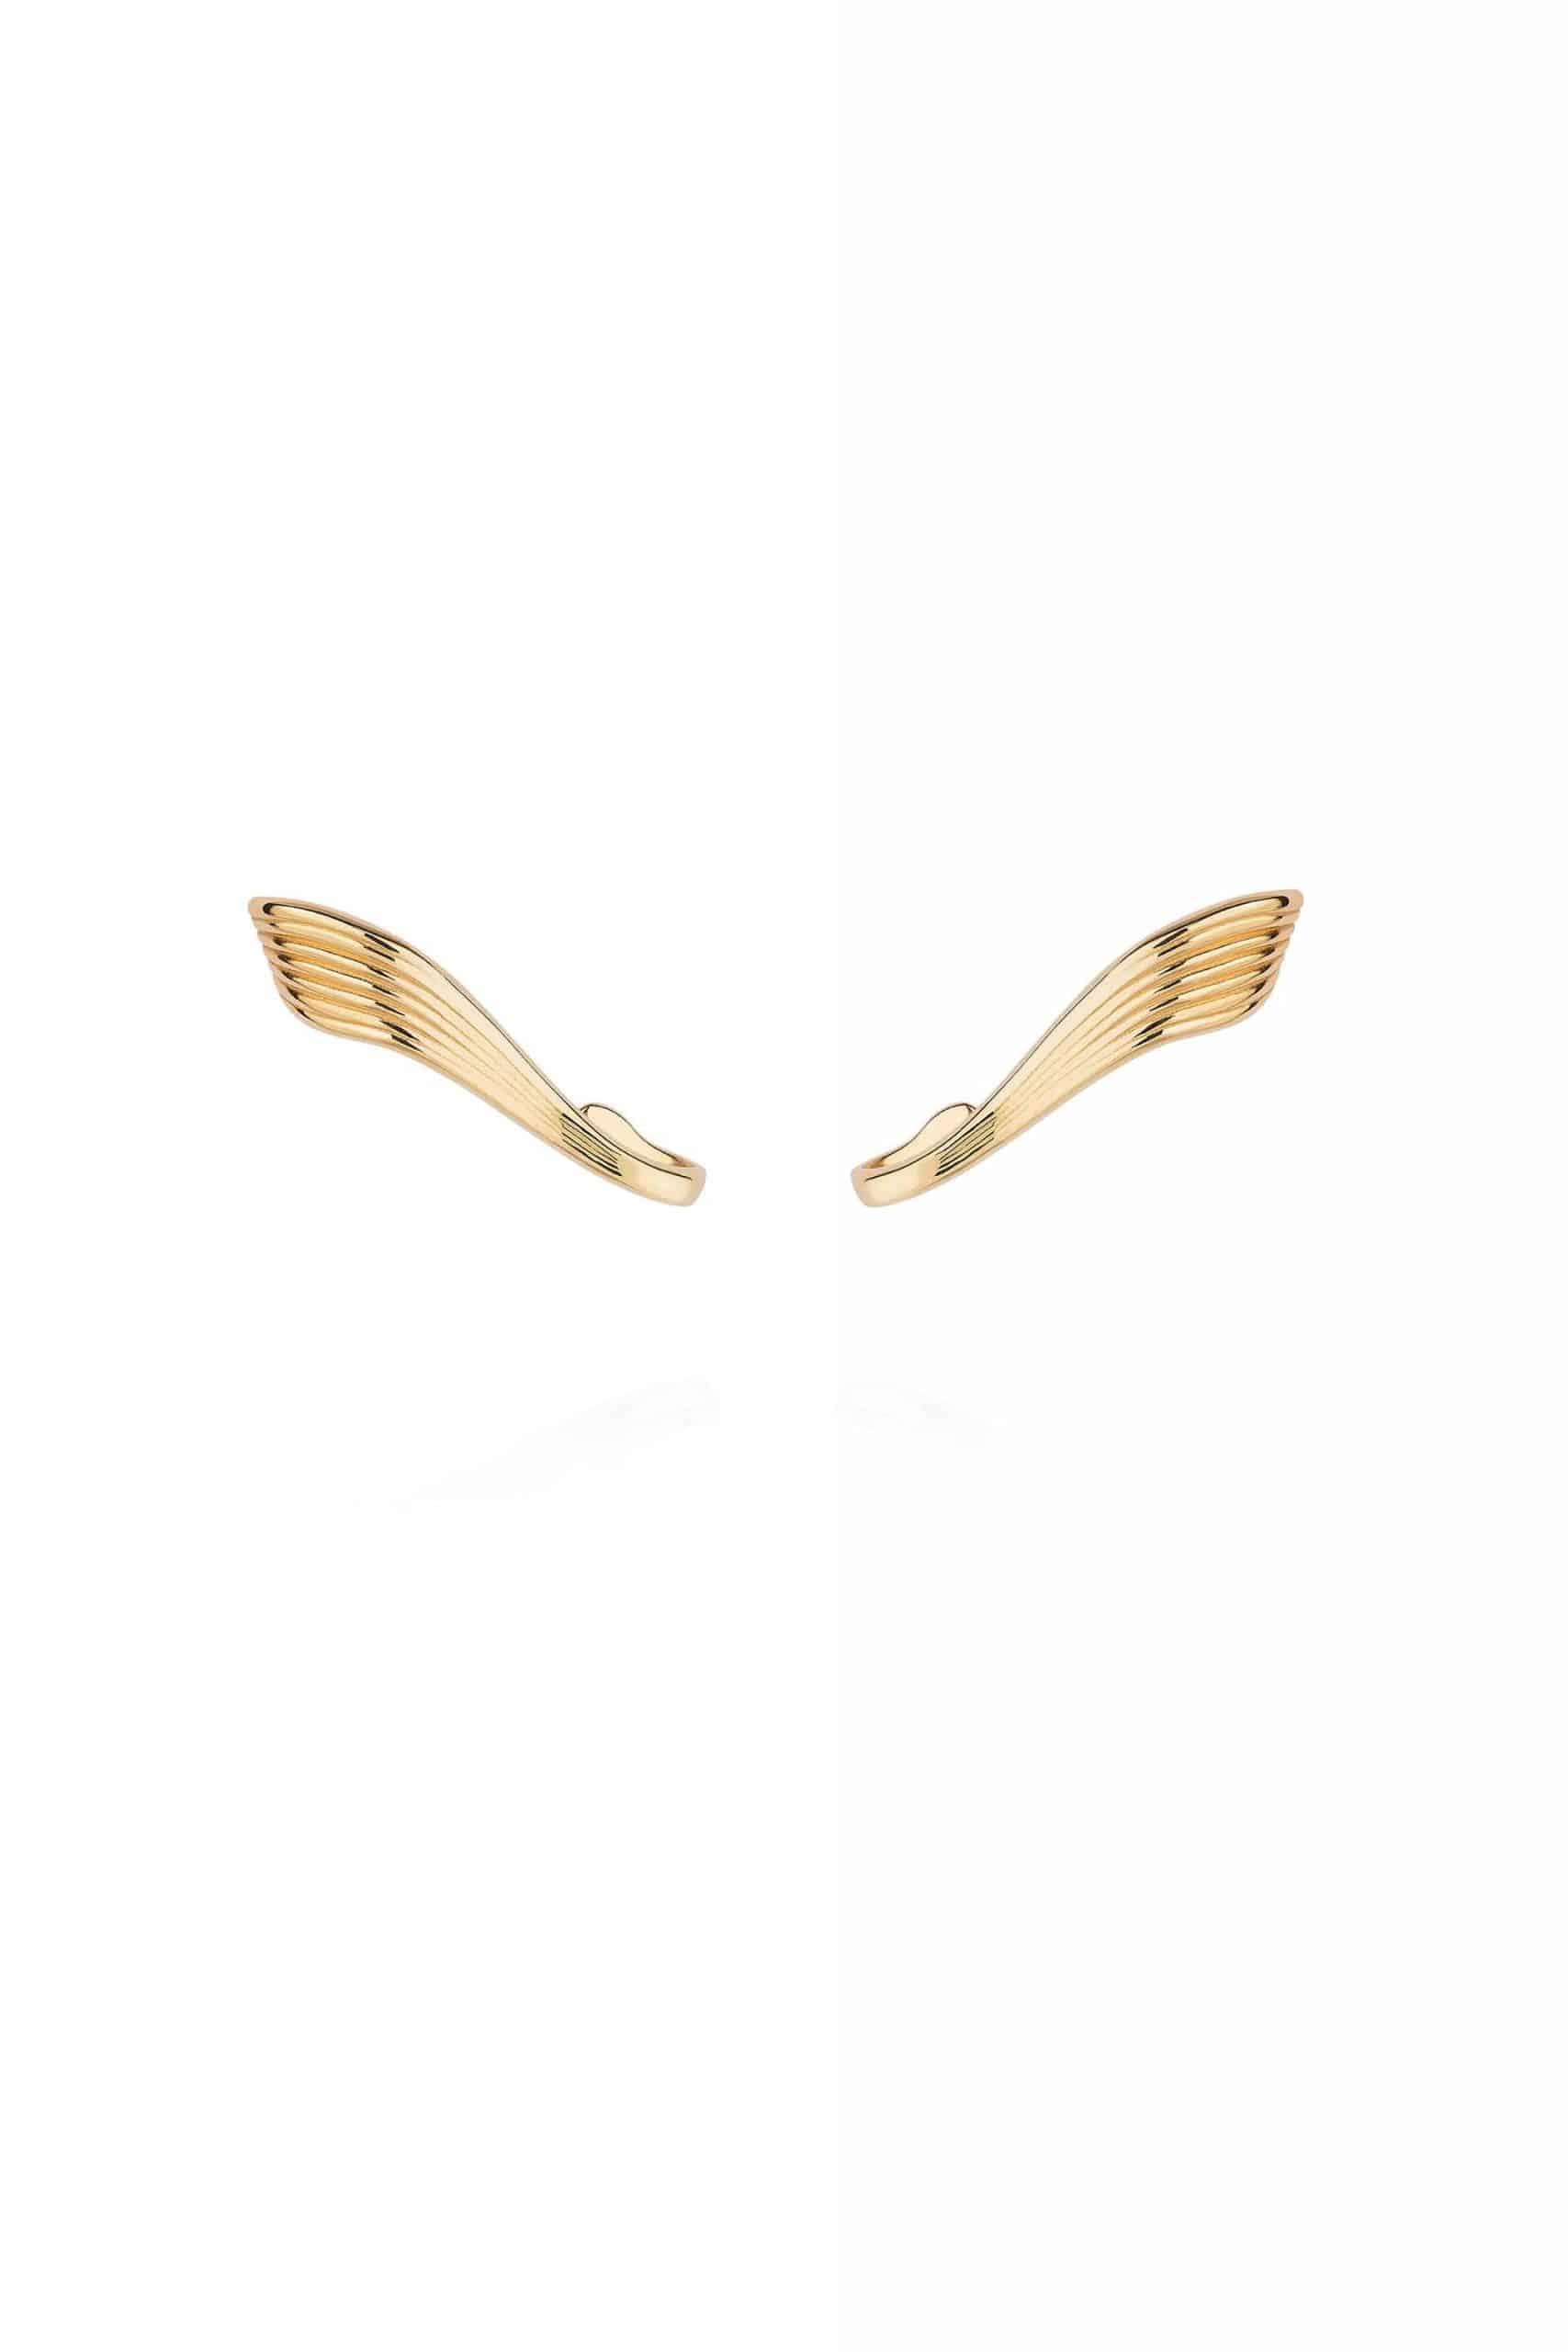 Stream Lines Ear Cuffs